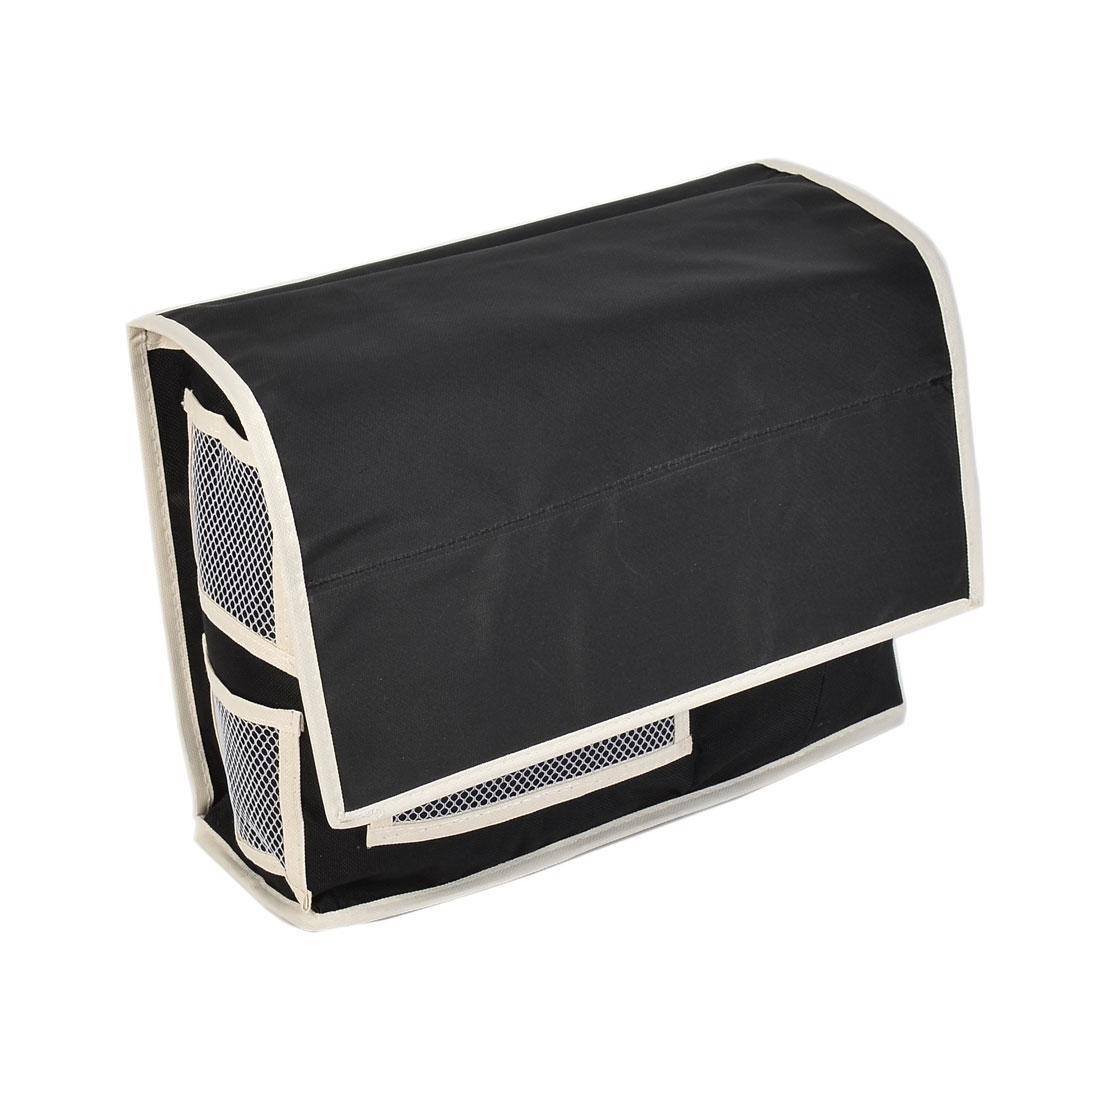 Bedside Sofa Hanging Bag Holder Caddy Pockets Organizer Storage Black